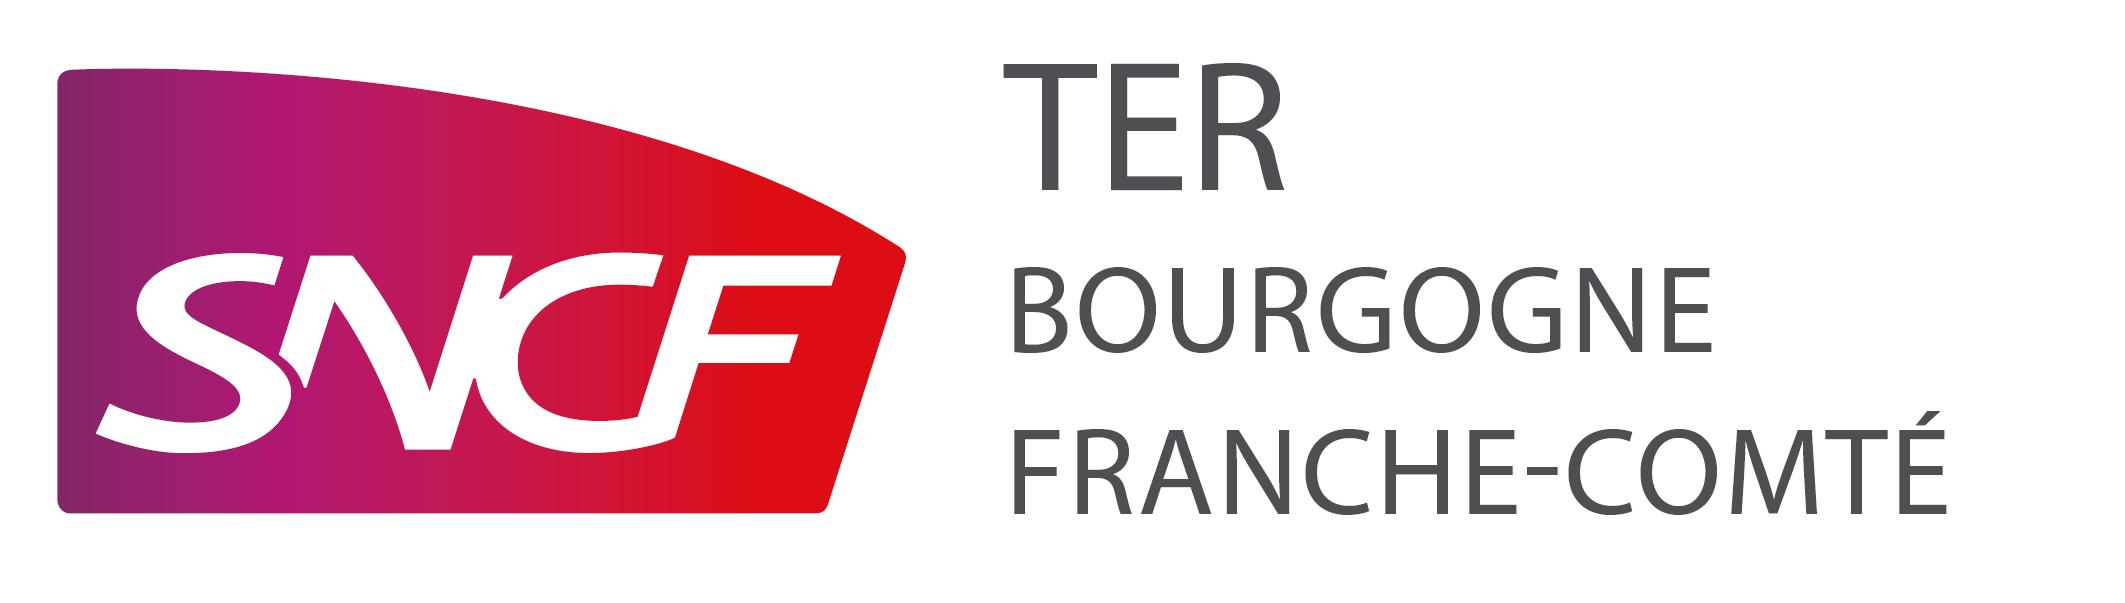 logo-ter-bfc.PNG